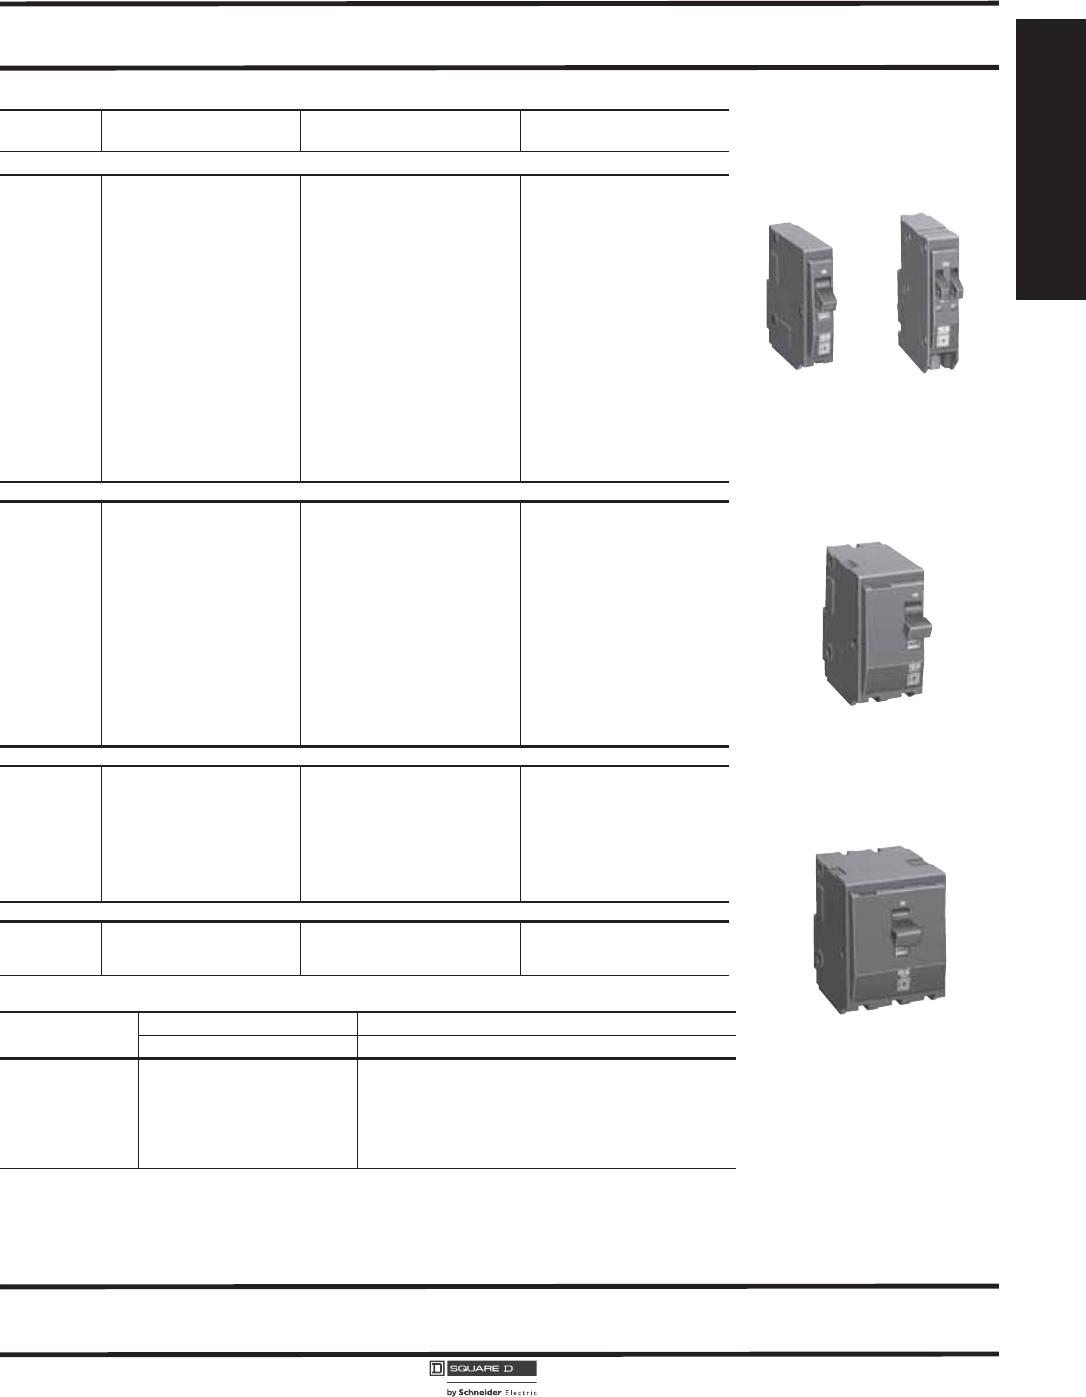 1000425654 Catalog Square D Qo Qwikgard 20 Amp Twopole Gfci Breakerqo220gficp The De1 5